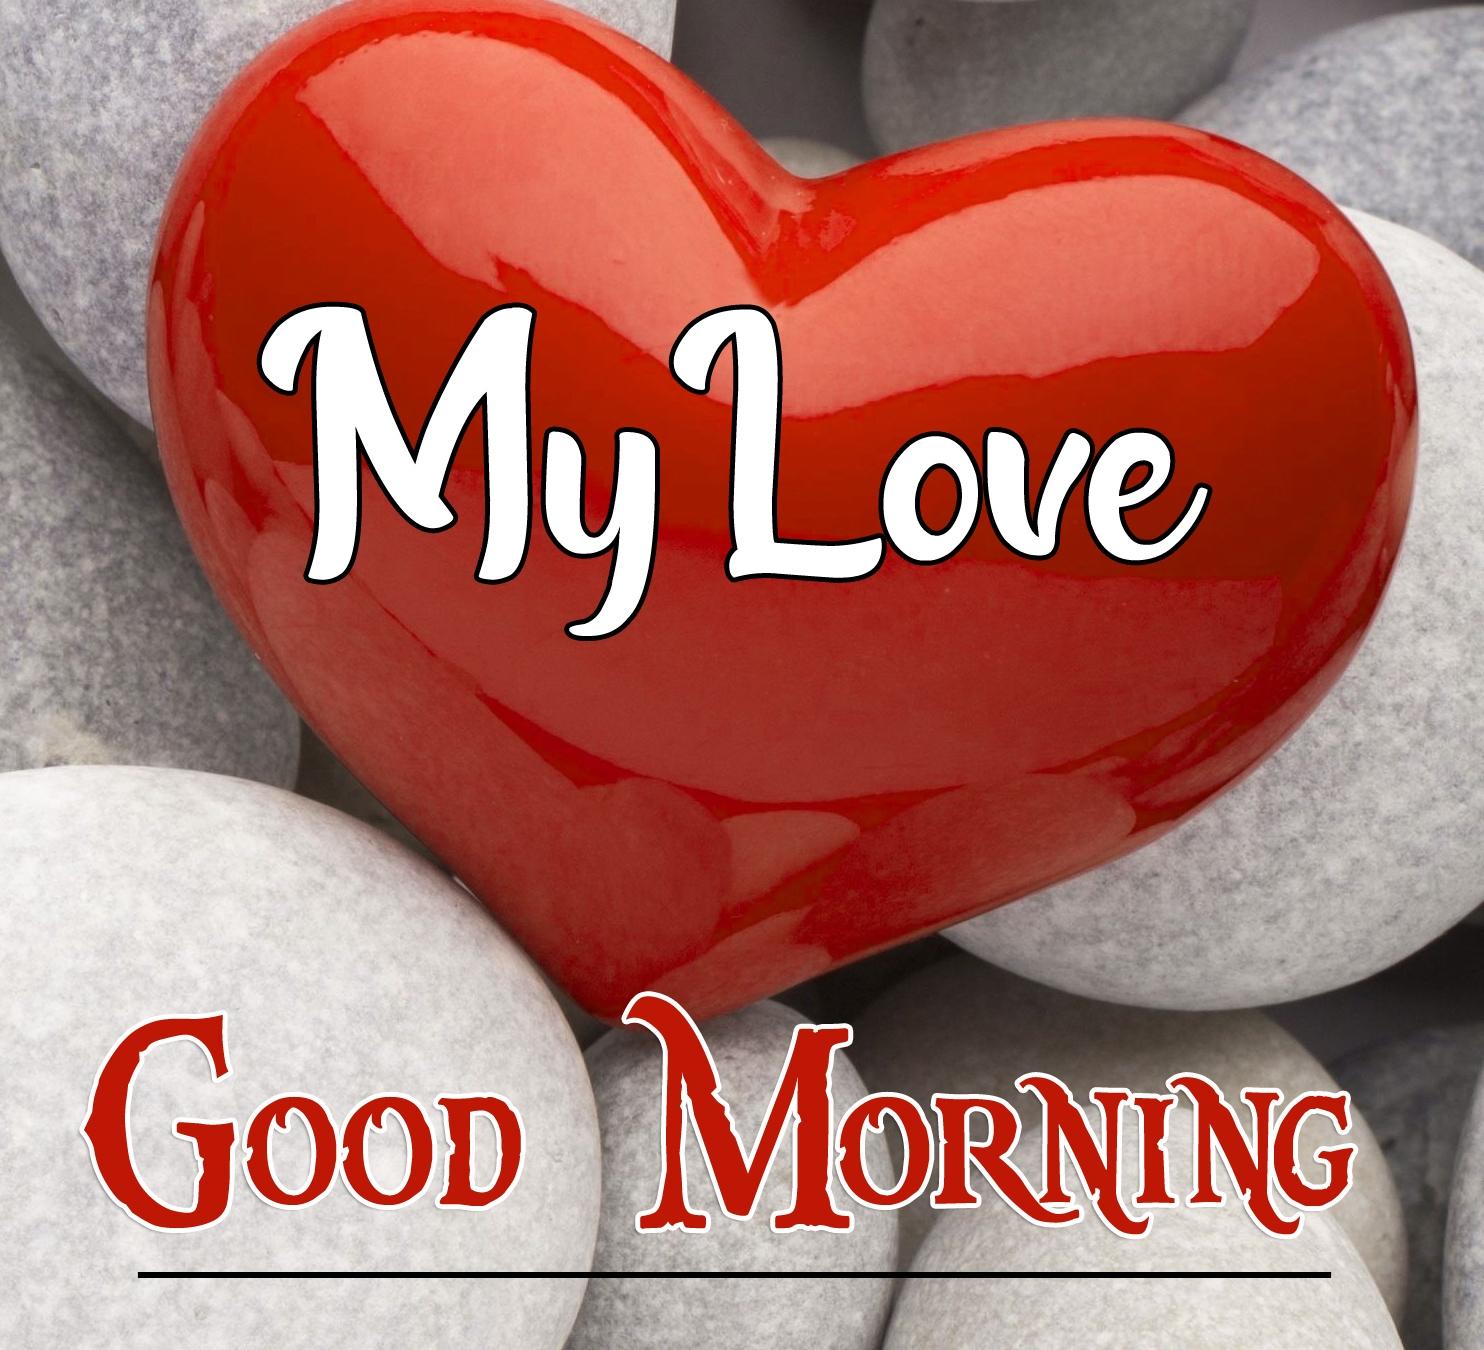 Special Good Morning Wallpaper 19